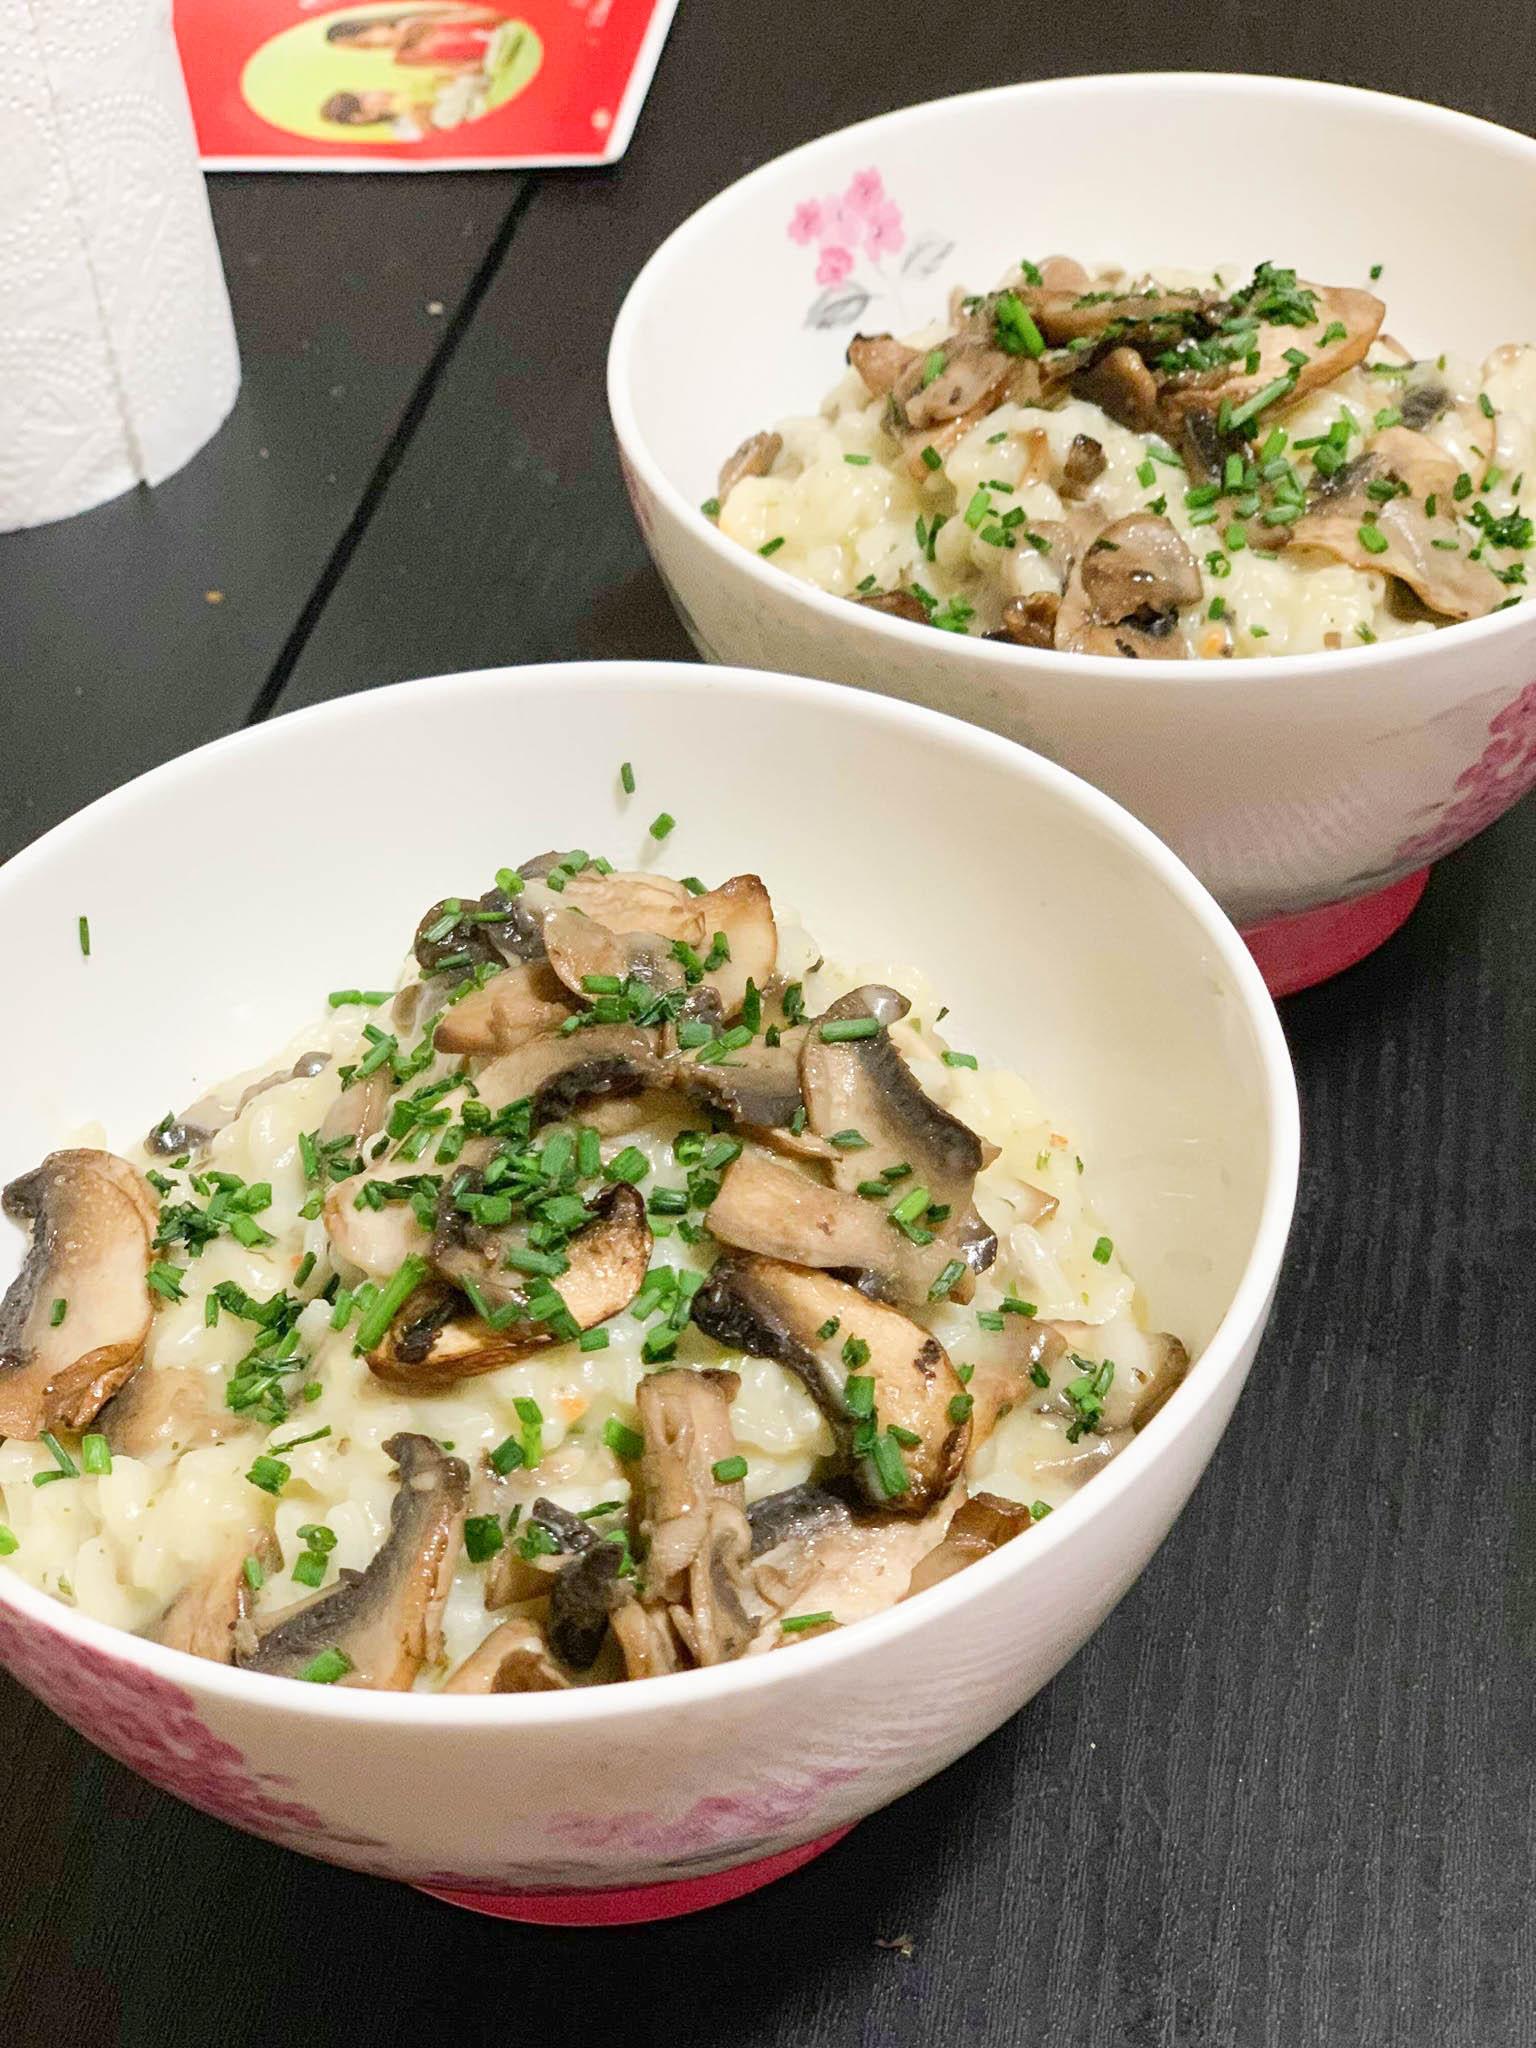 Creamy Two-Mushroom Risotto